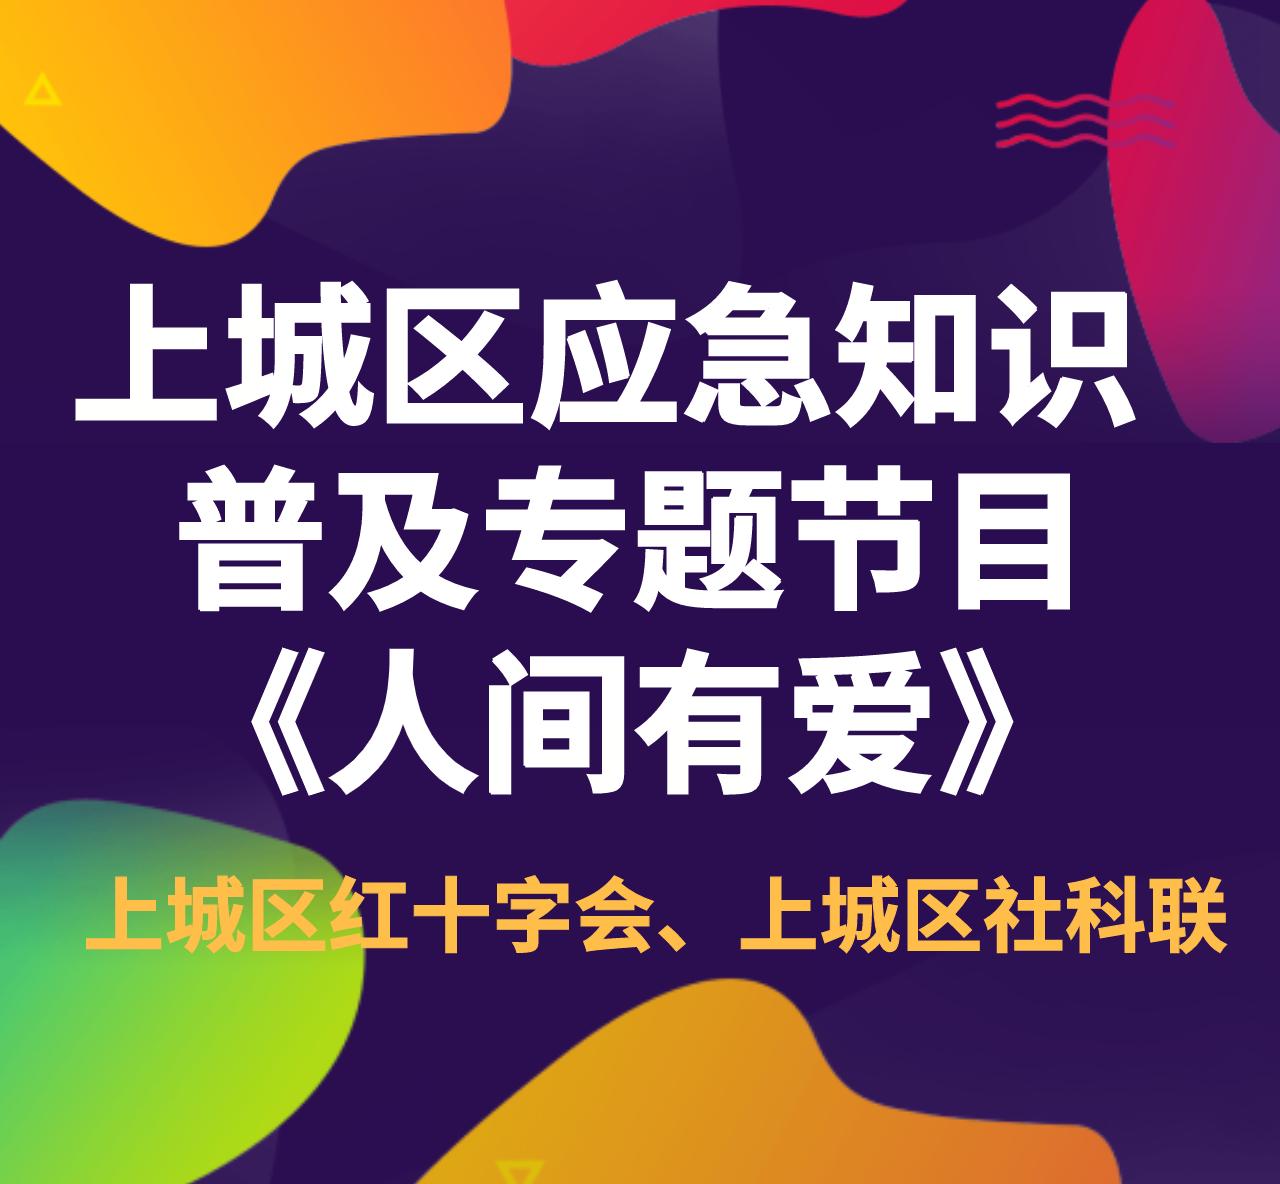 上城区应急知识普及专题节目——《人间有爱》